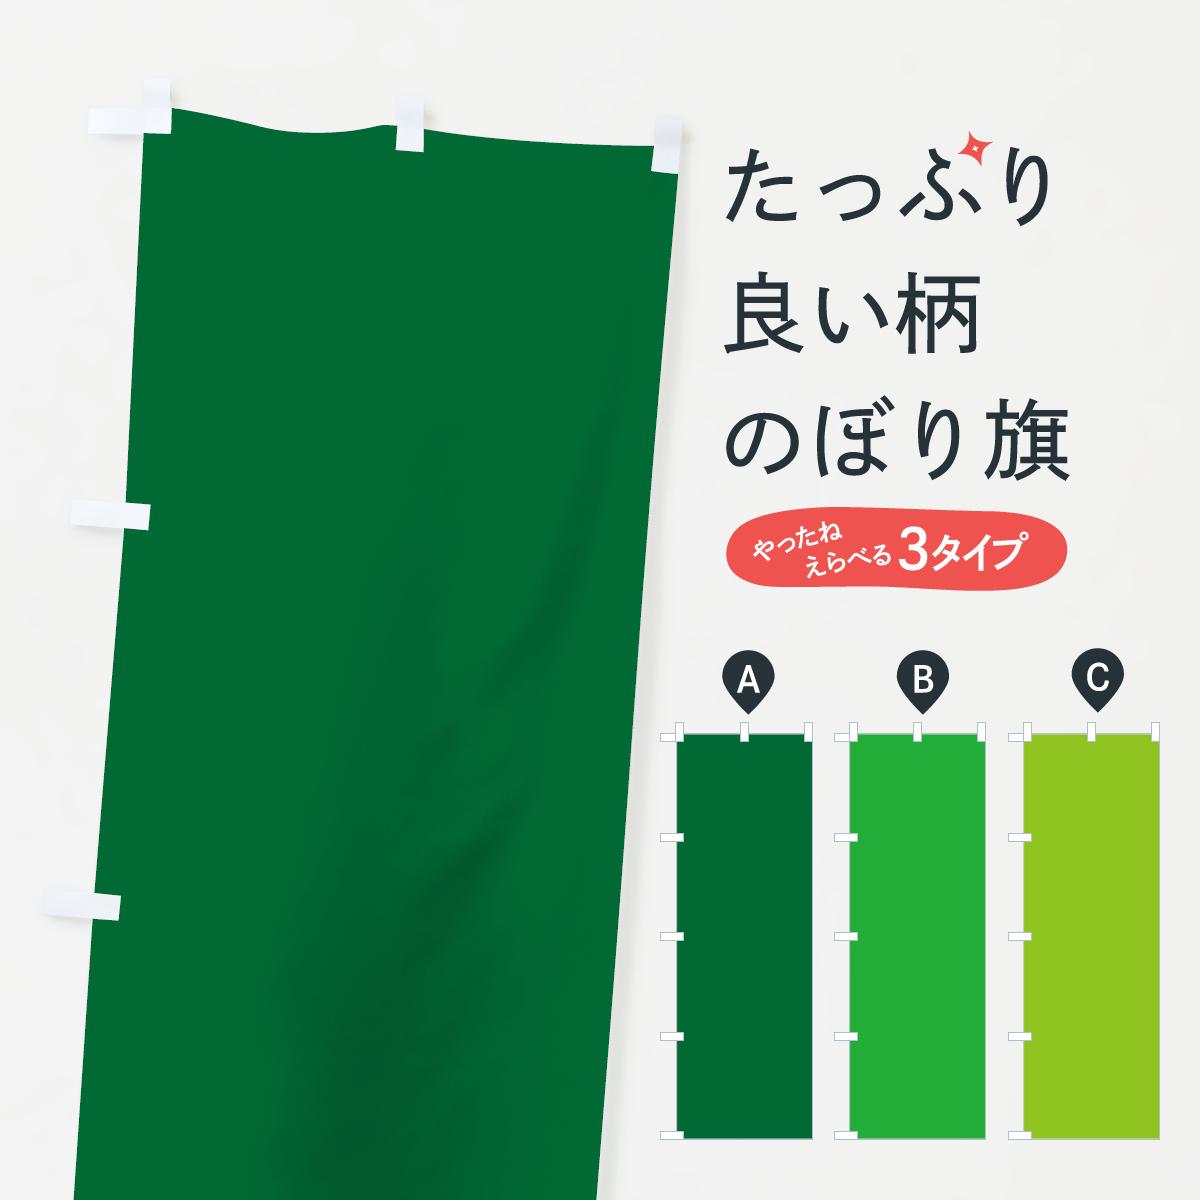 のぼり 横幕 グリーン系 低価格に対して高品質とデザイン性で選ばれてます 各サイズや仕様にも対応 激安通販販売 ネコポス送料360 のぼり旗 グリーン系のぼり 無地 単色 緑色 緑系 7AFS 深緑 黄緑色 超人気 専門店